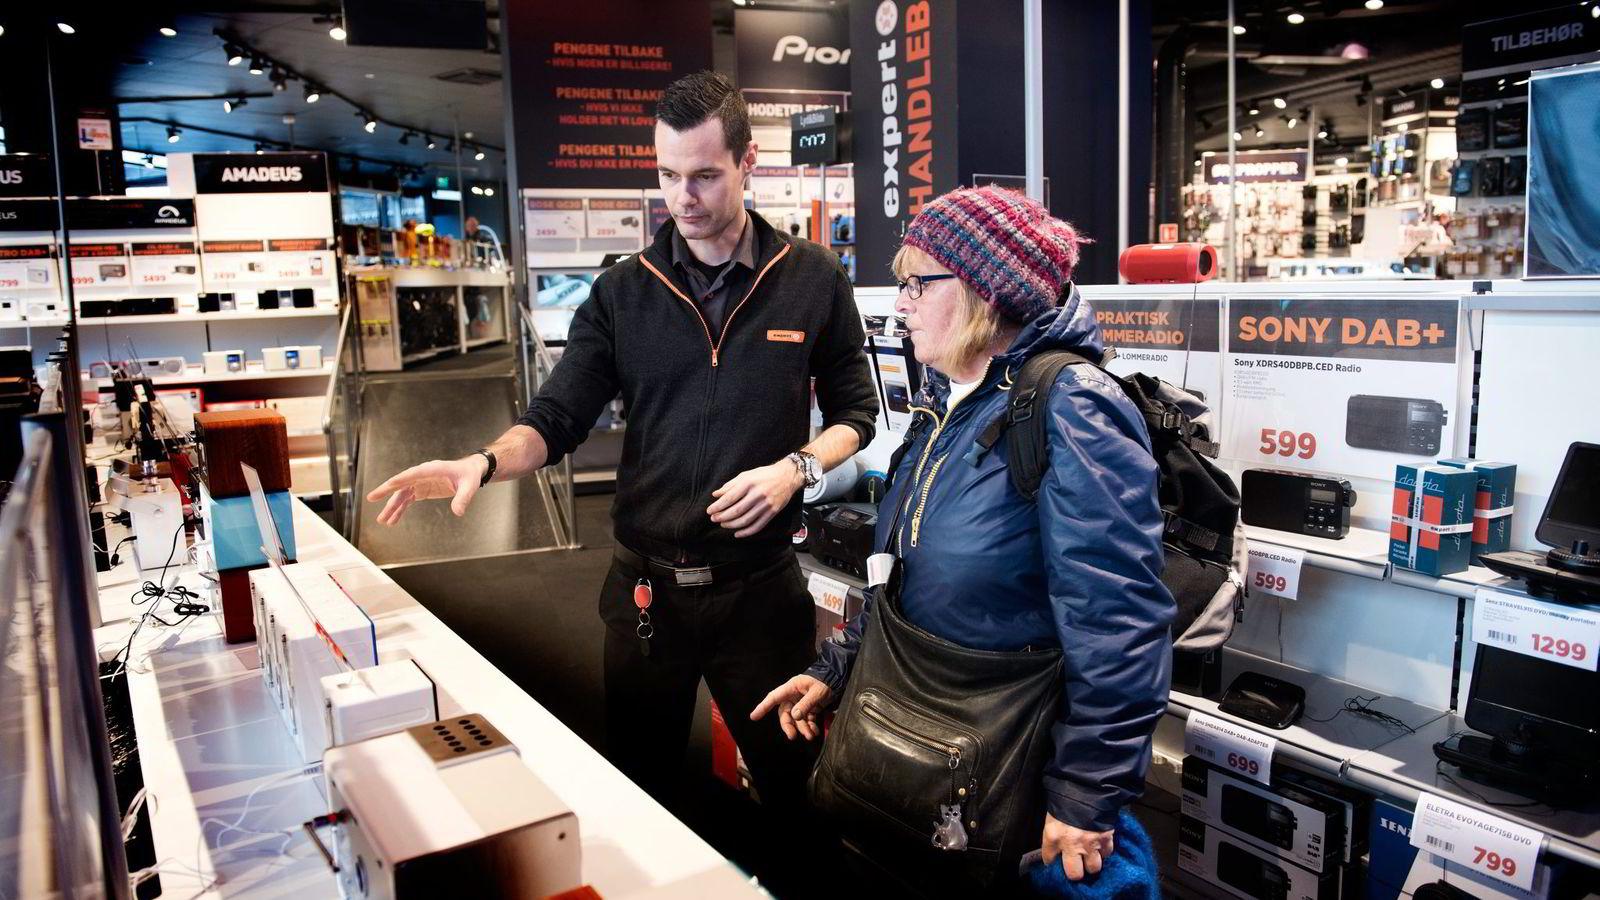 Anne Marie Bekkerhus (67) er på Expert City i Oslo for å kjøpe ny radio. – Jeg liker å høre på mange radiokanaler og vil være sikker på å få inn alle, sier hun. Salgsansvarlig Ino Andre Nilsen bistår.